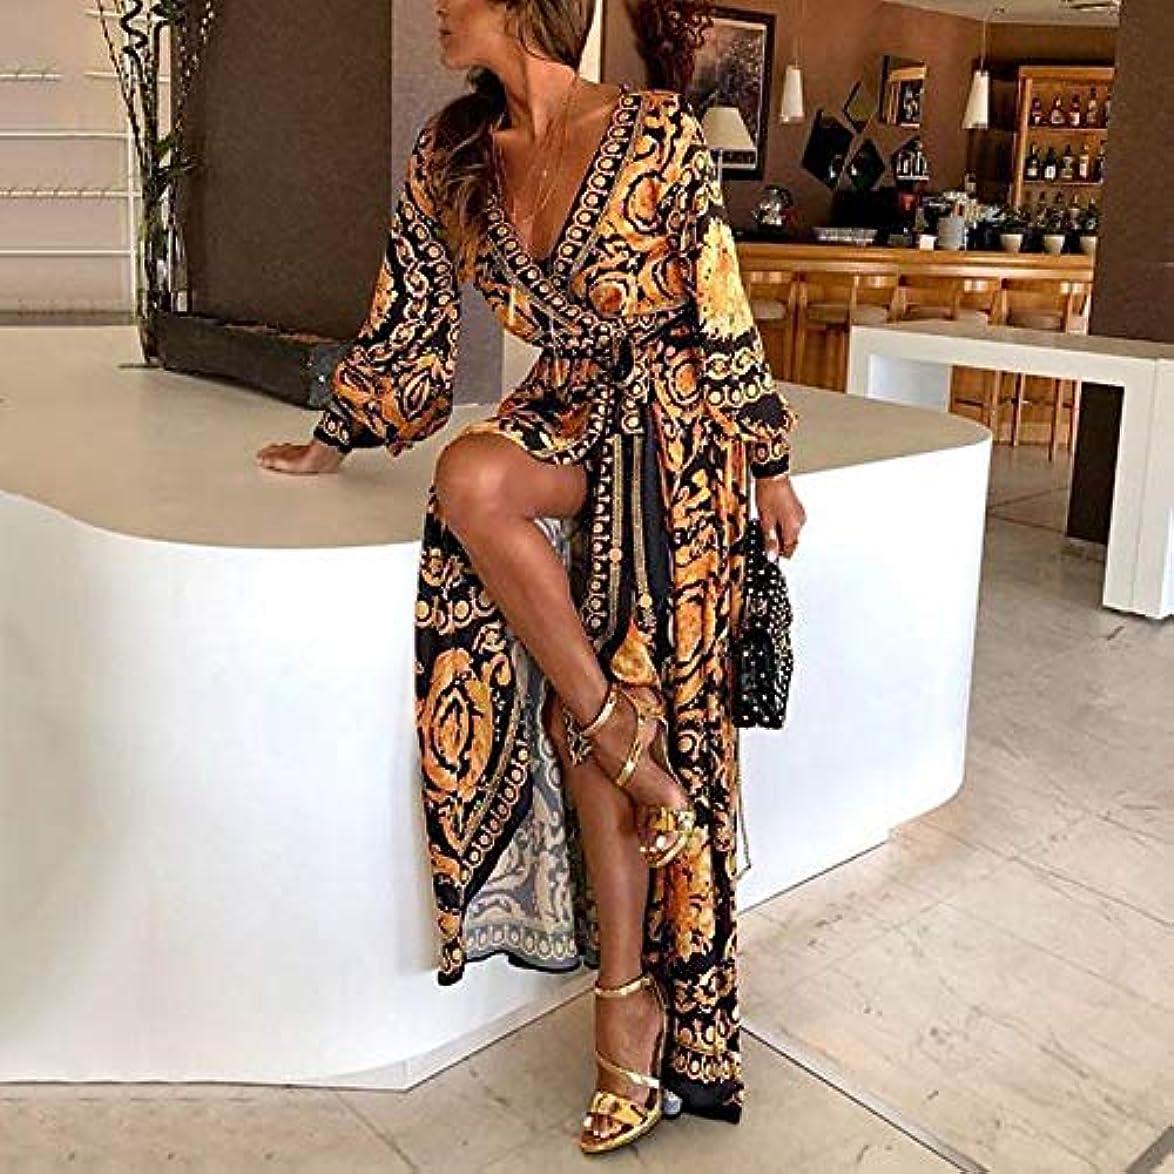 勃起感性飲食店Maxcrestas - ファッションエレガントな女性のセクシーなボートネックグリッターディープVネックドレスパーティーフォーマルロングドレスを印刷